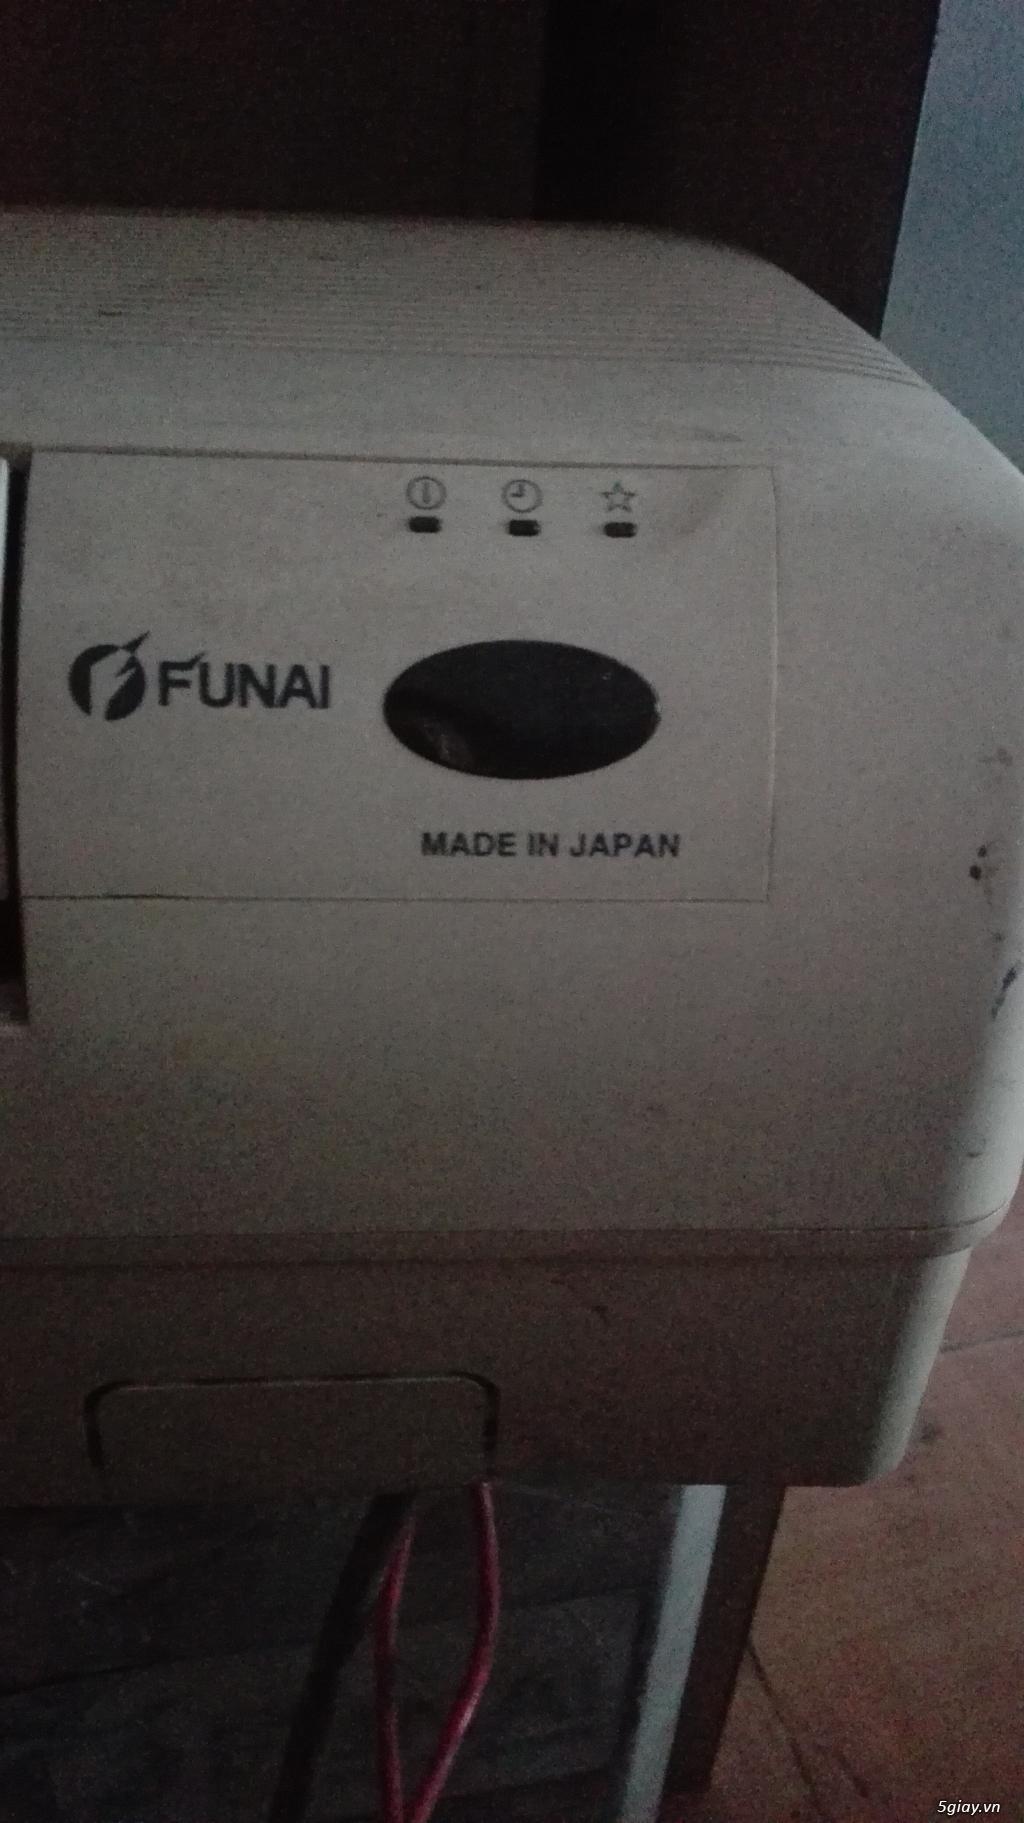 thanh lý cái máy lạnh - 2